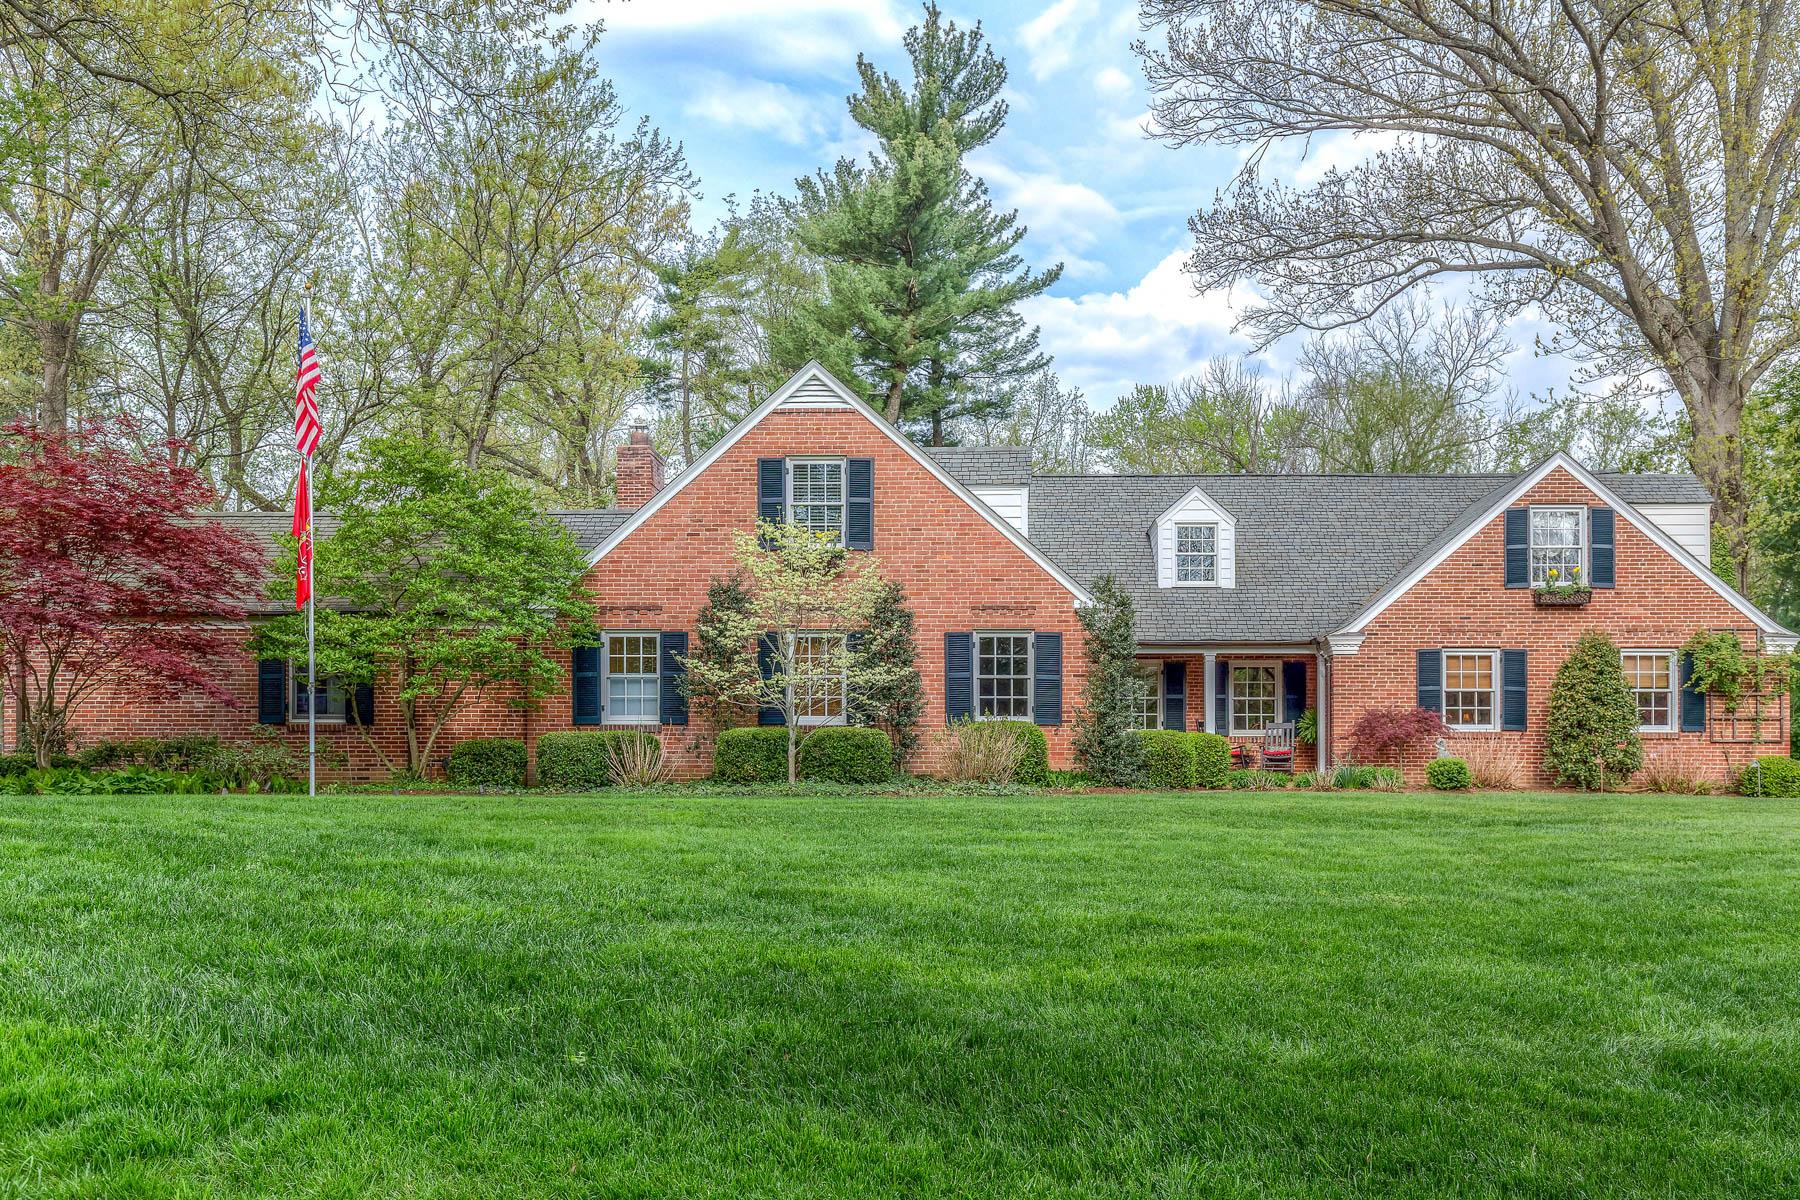 Nhà ở một gia đình vì Bán tại Wakefield Drive 9 Wakefield Dr Ladue, Missouri, 63124 Hoa Kỳ